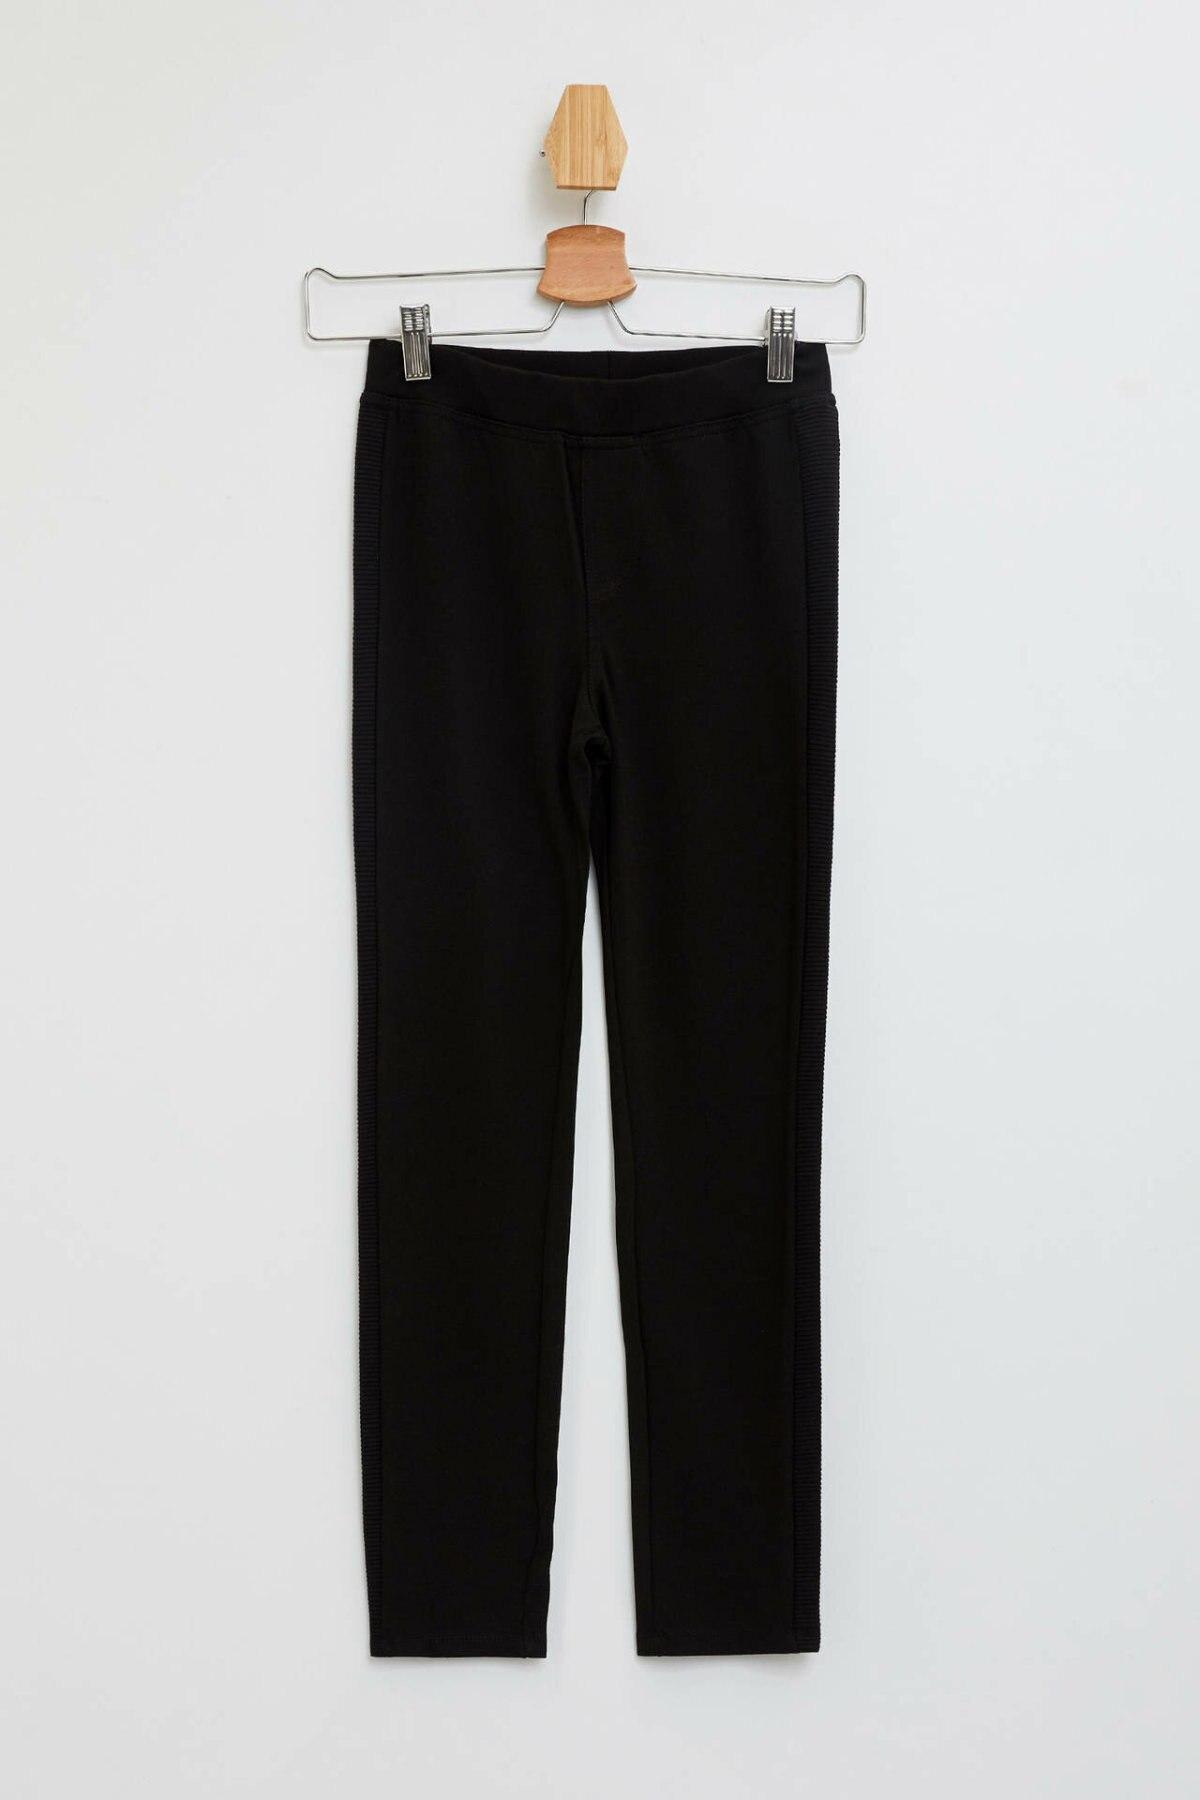 DeFacto Girl Autumn Black Legging Pants Girls Casual Fit Slim Long Pants Girl Elastic Leggings-L5353A619AU